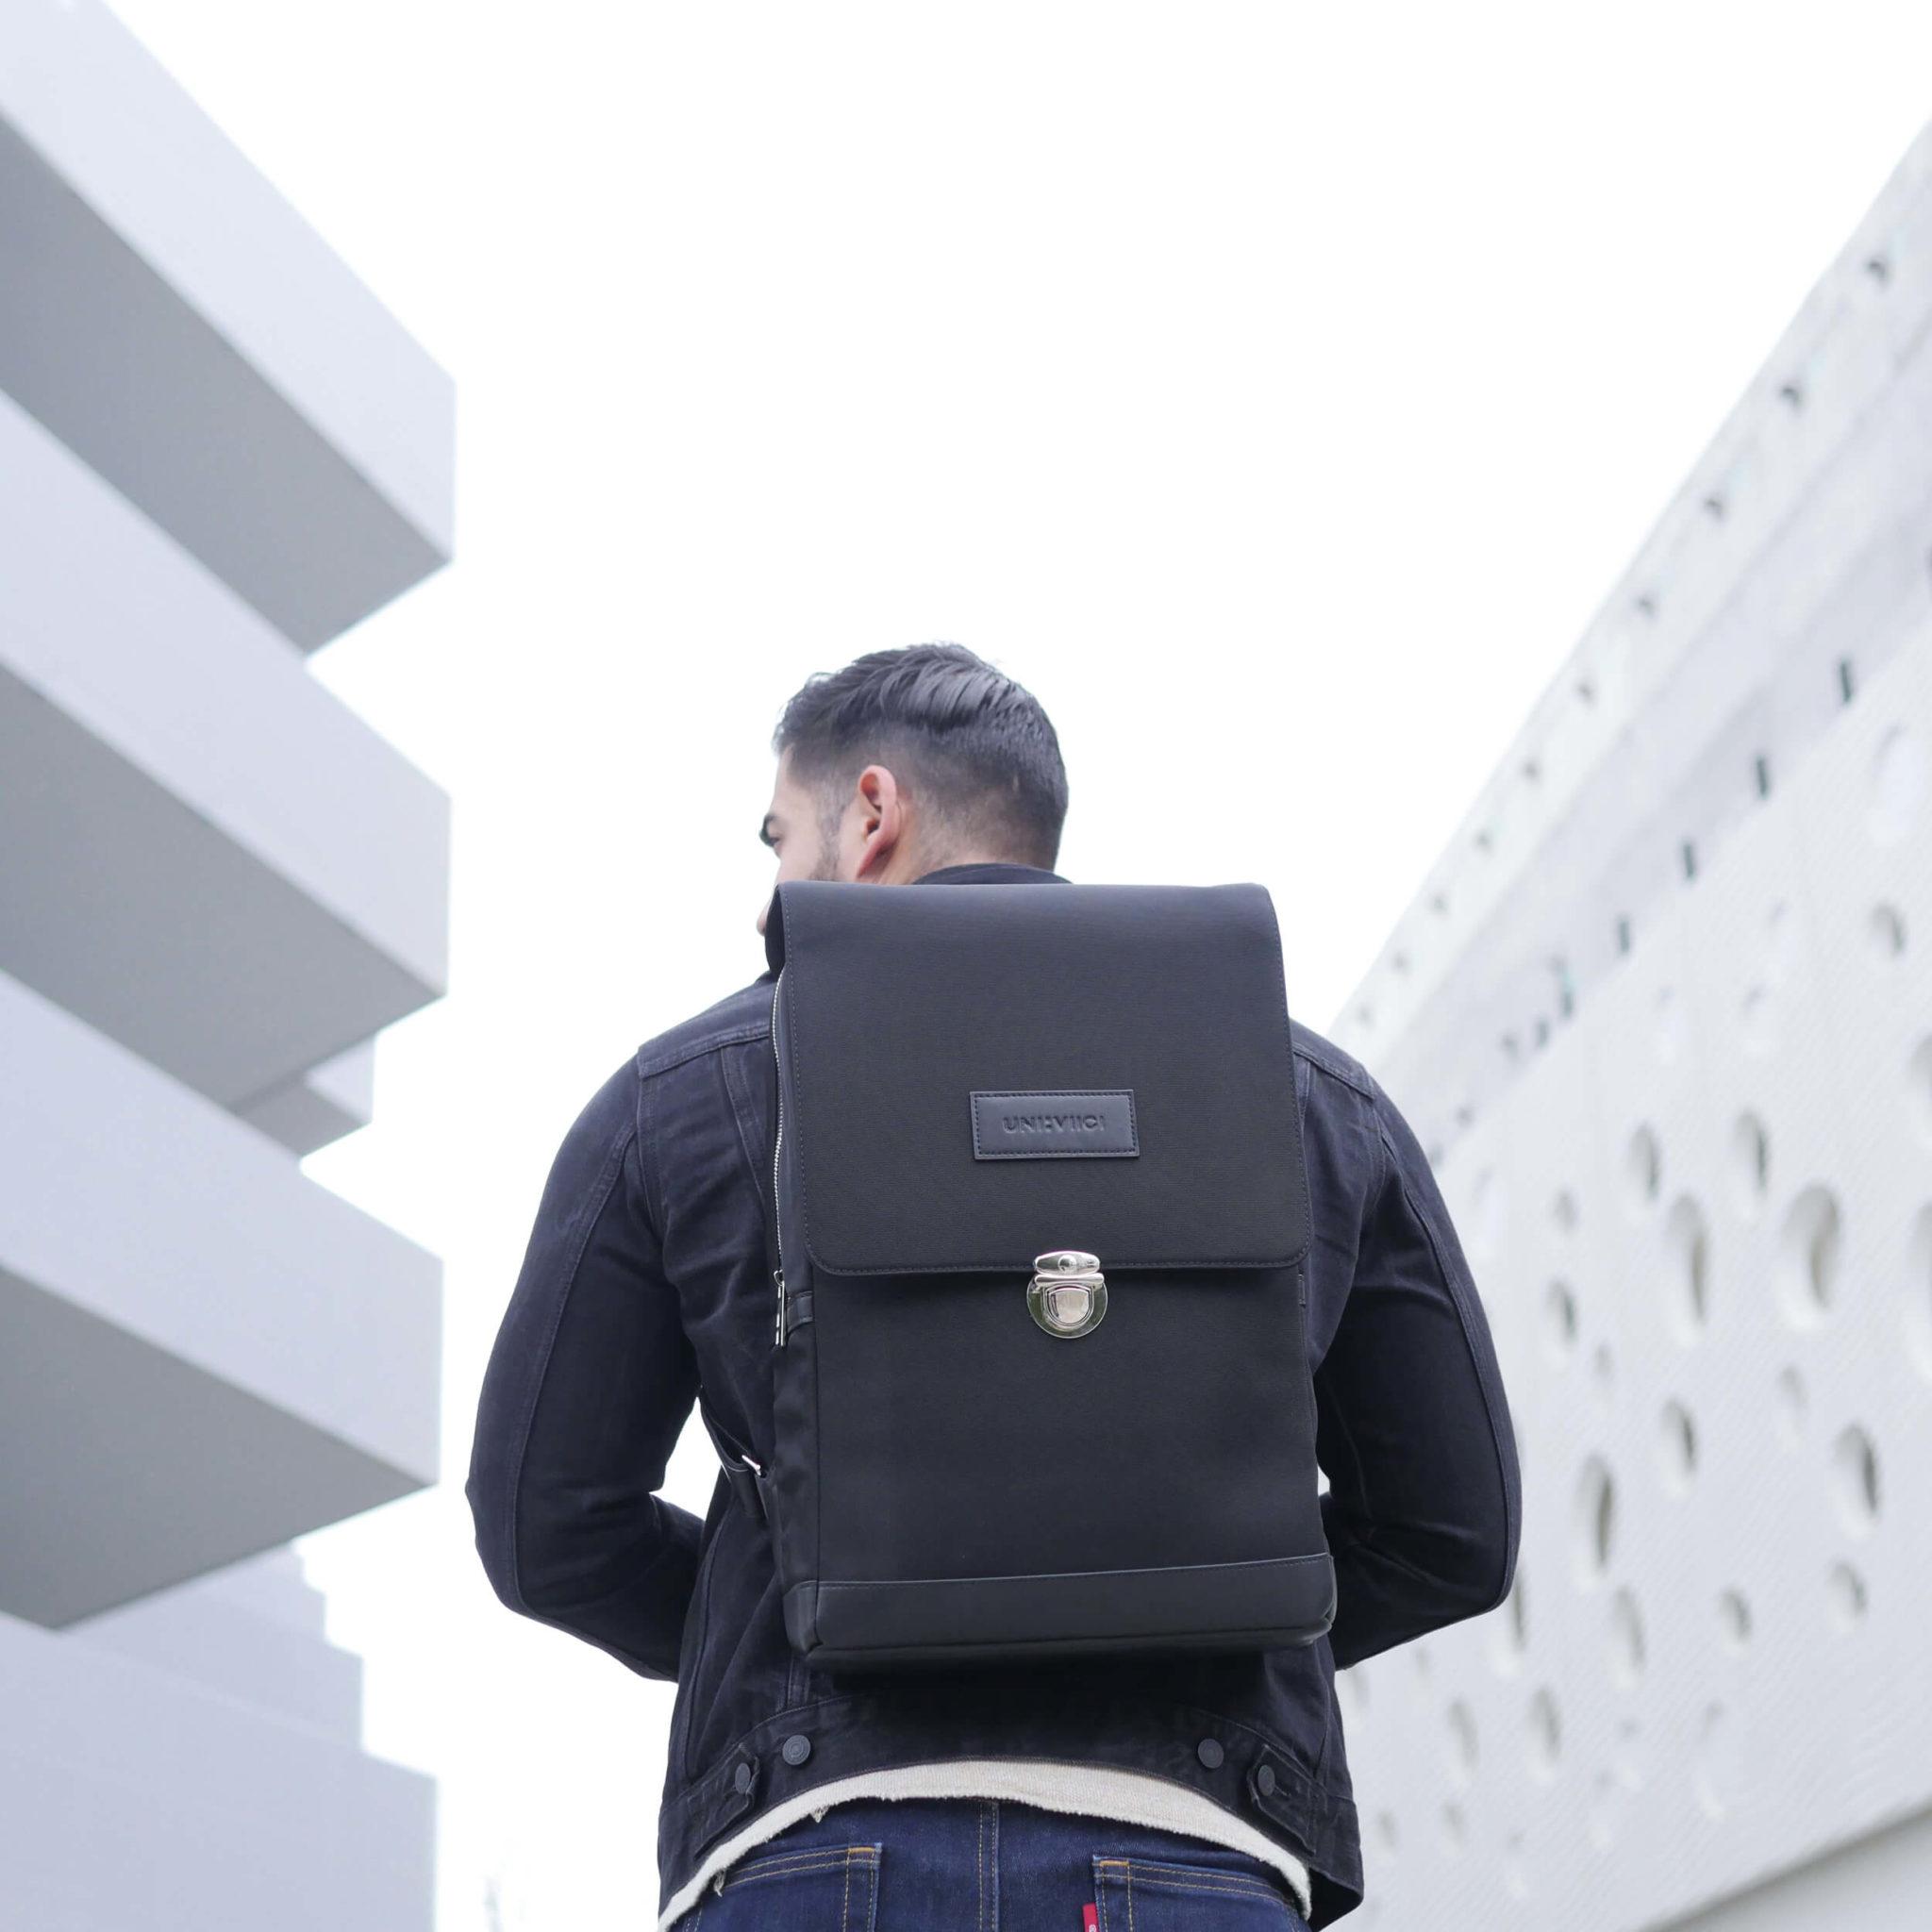 UNI:VIICI | sac à dos EQUILO black2 | EQUILO NOIR